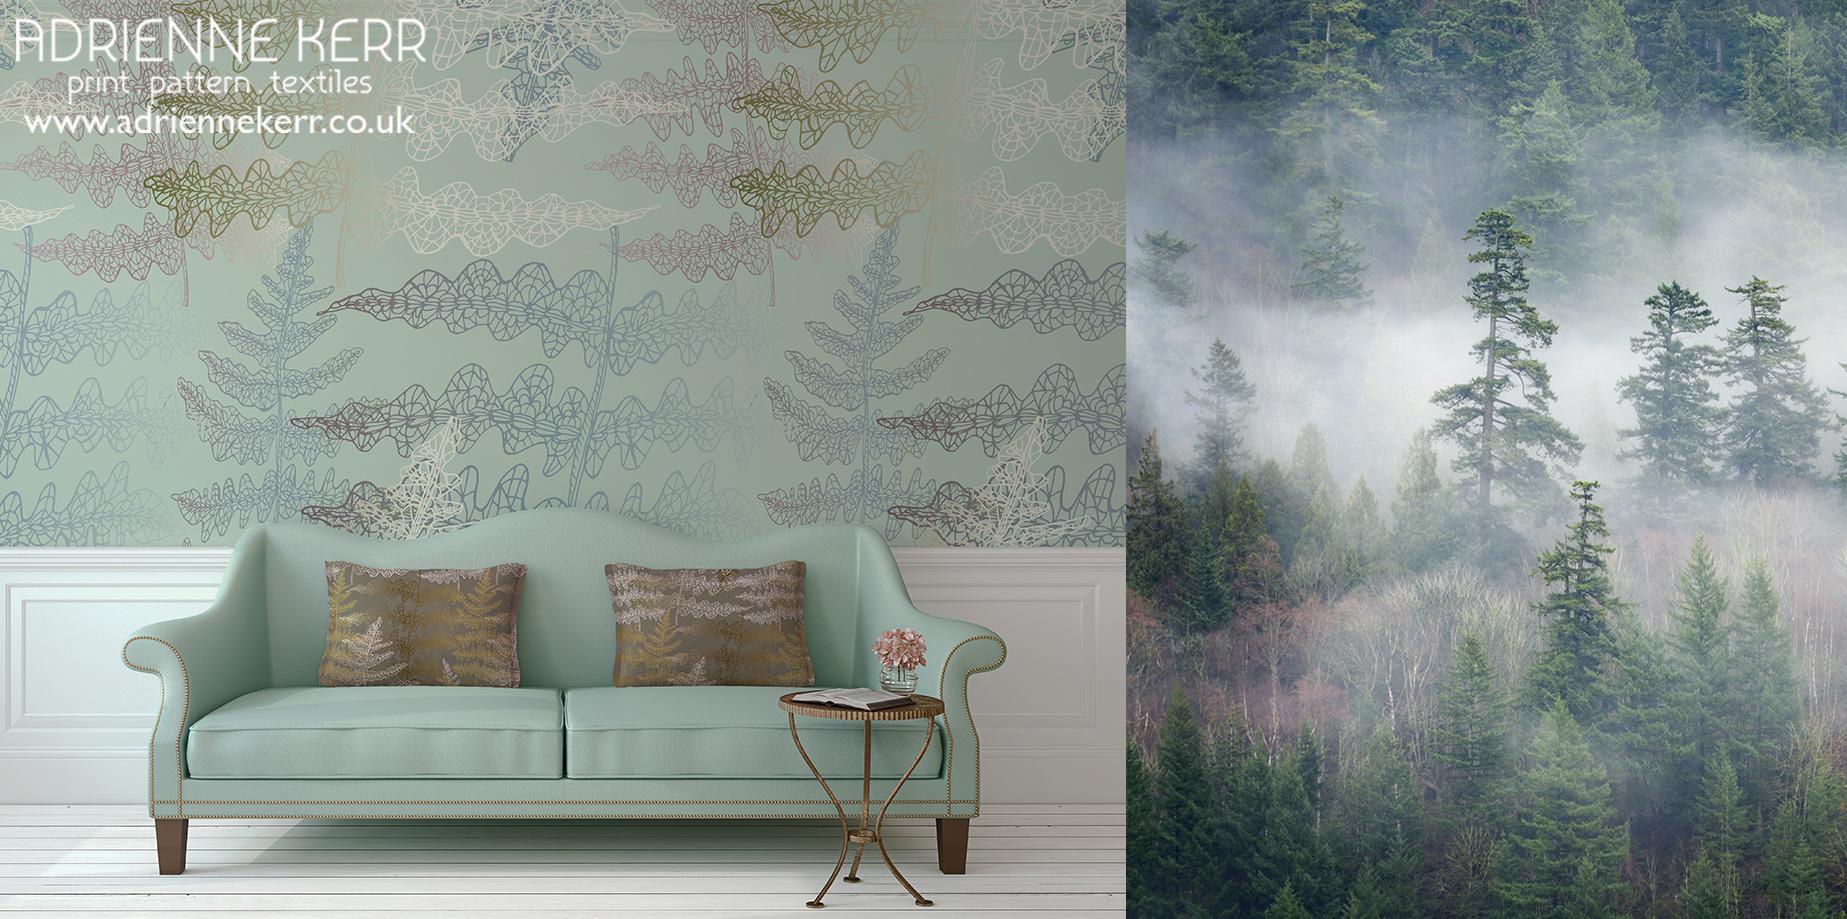 Fern Wallpaper & Forrest Image 02jpg.jpg